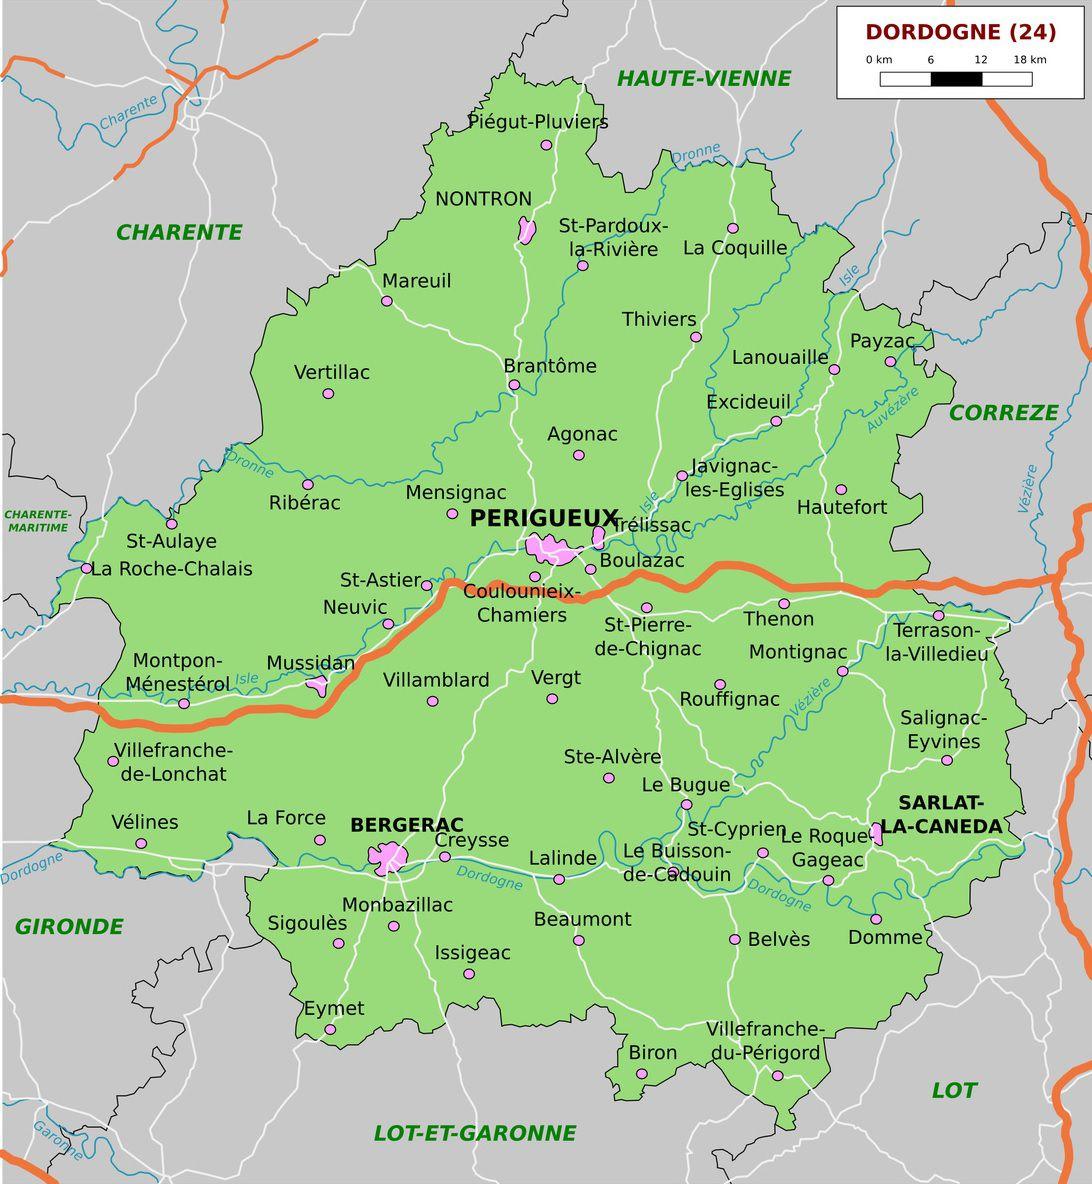 Carte De La Dordogne - Dordogne Carte Des Villes, Communes concernant Carte Du Sud De La France Détaillée